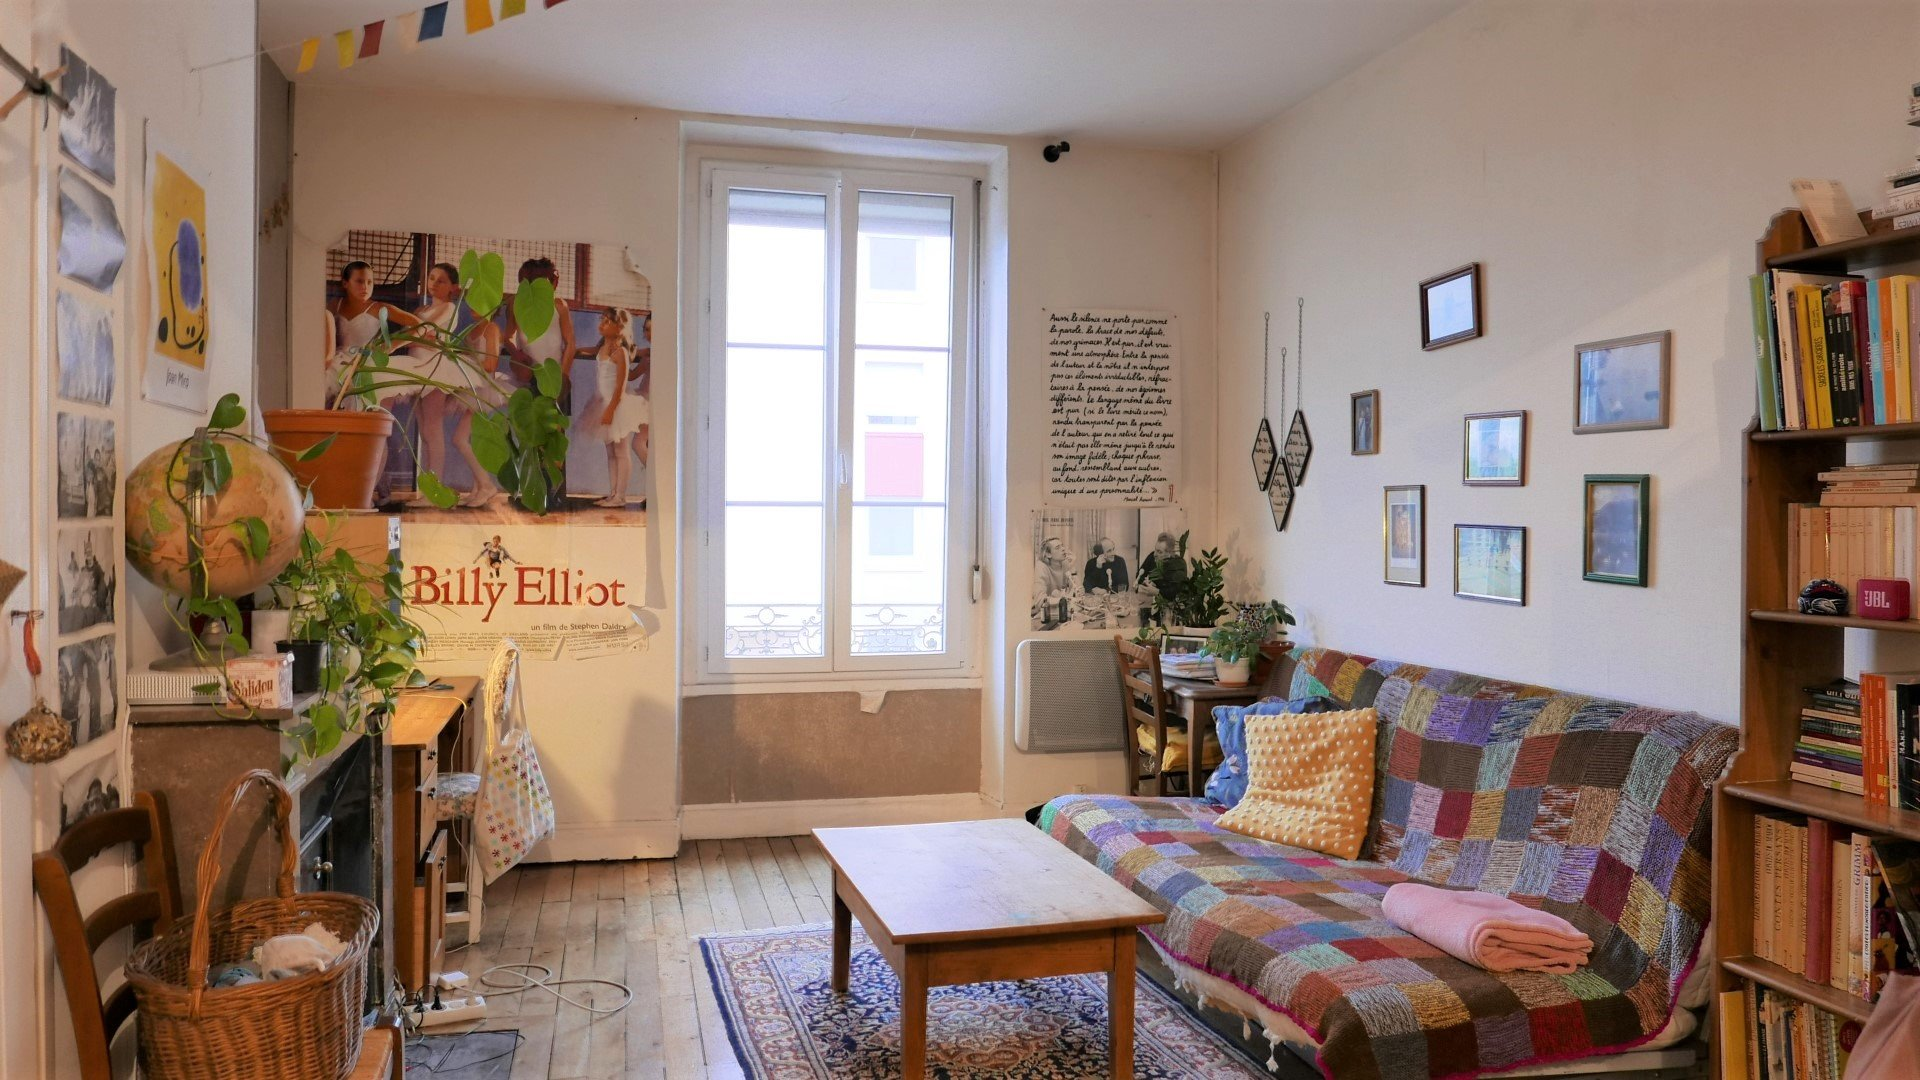 Achat Appartement, Surface de 52 m²/ Total carrez : 52 m², 2 pièces, Villeurbanne (69100)